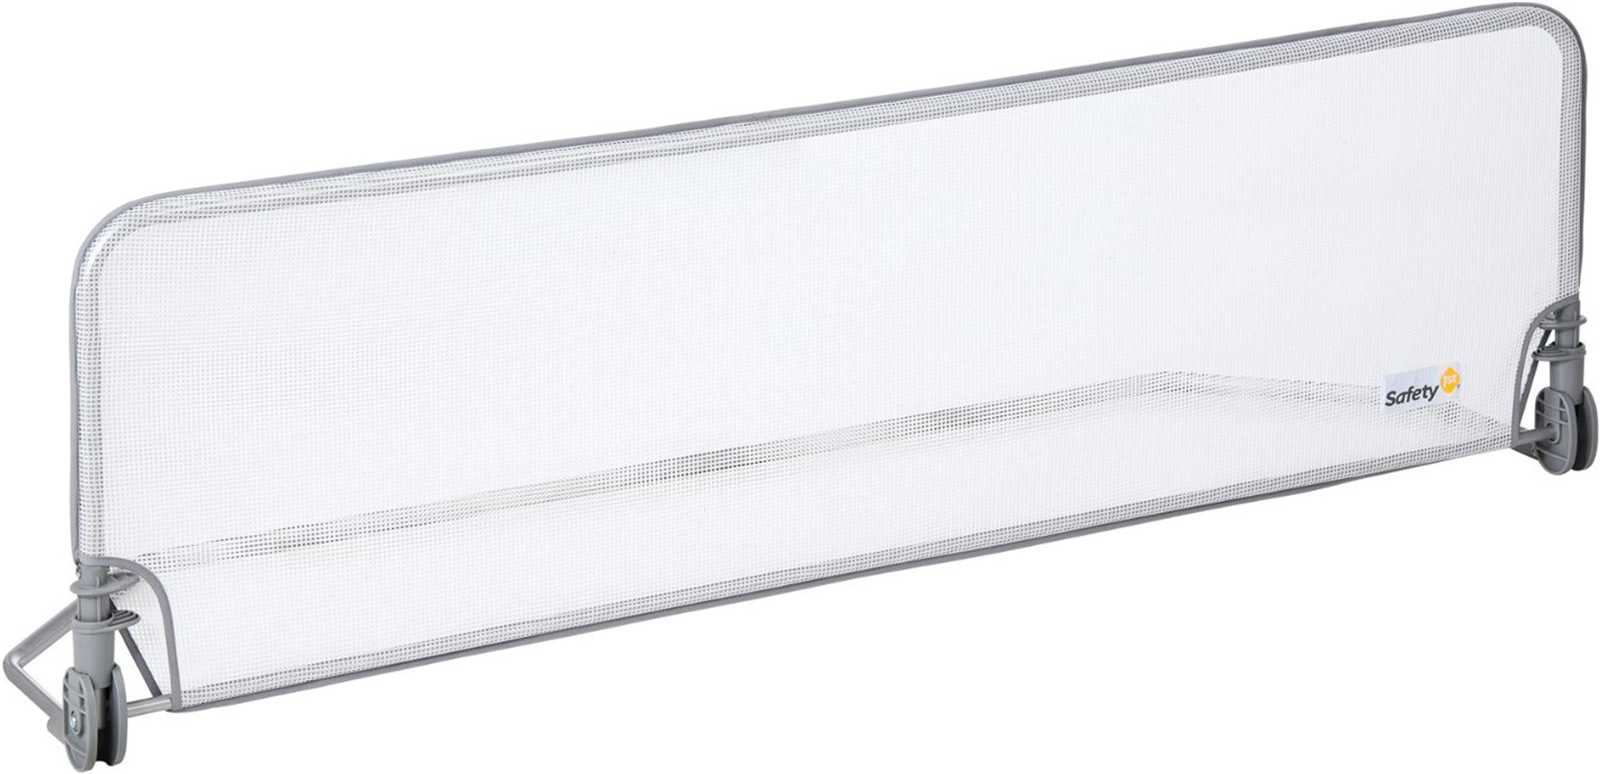 Фото - Барьер Safety 1st Extra large Bed rail 150 см белый [супермаркет] jingdong геб scybe фил приблизительно круглая чашка установлена в вертикальном положении стеклянной чашки 290мла 6 z